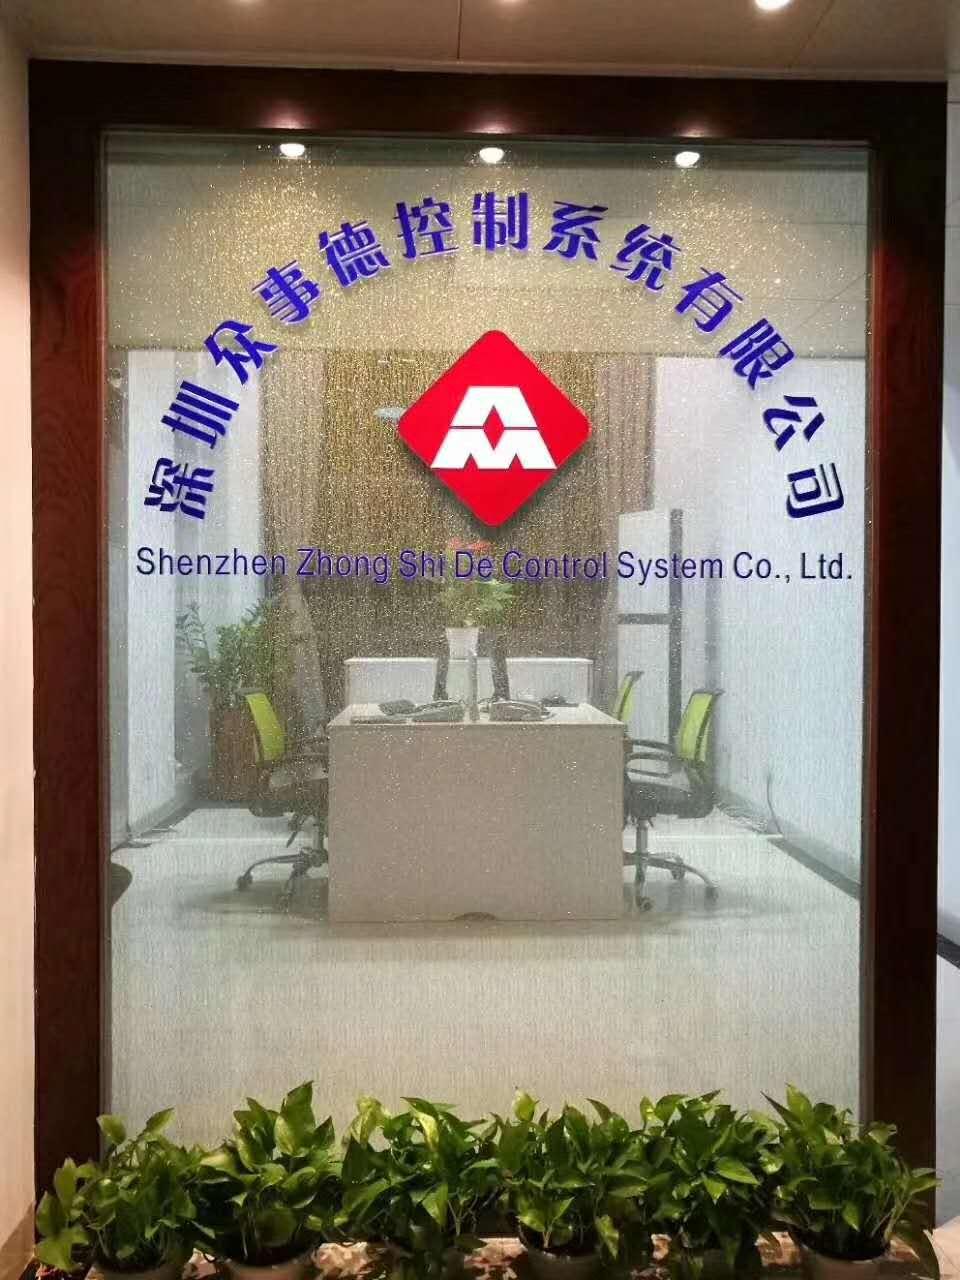 深圳众事德控制系统有限公司